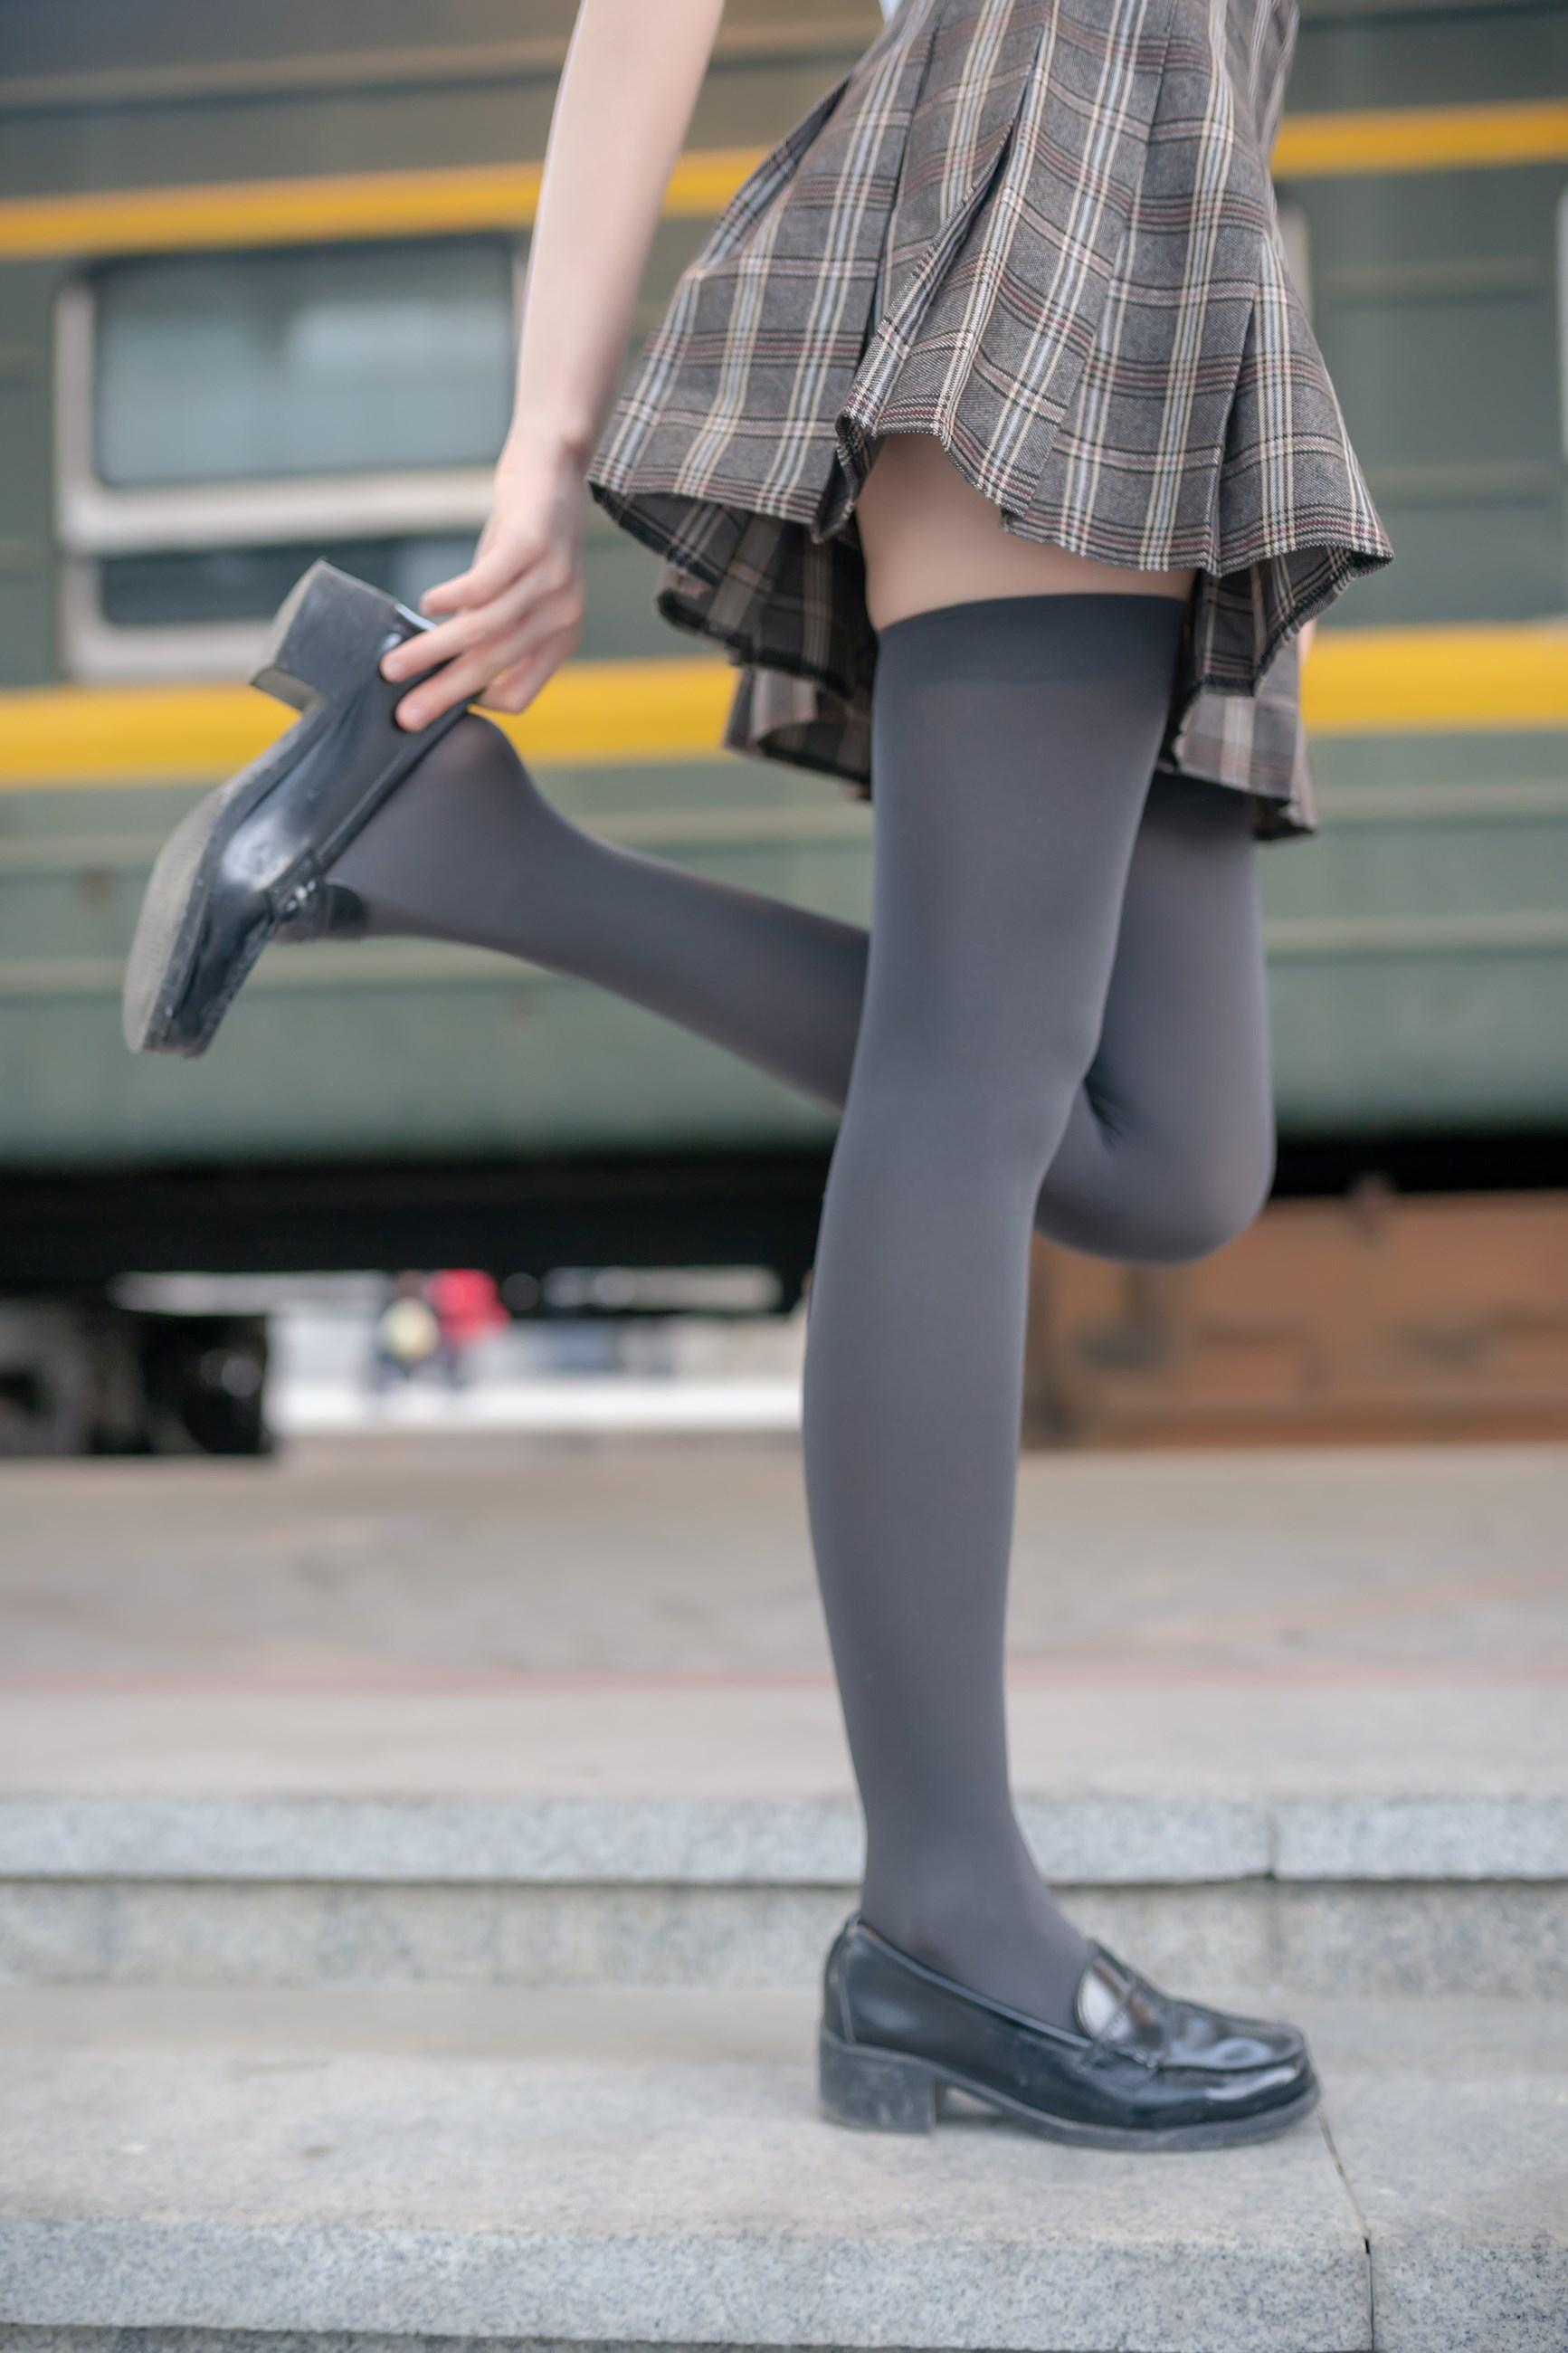 【兔玩映画】这个腿也太棒了吧! 兔玩映画 第34张